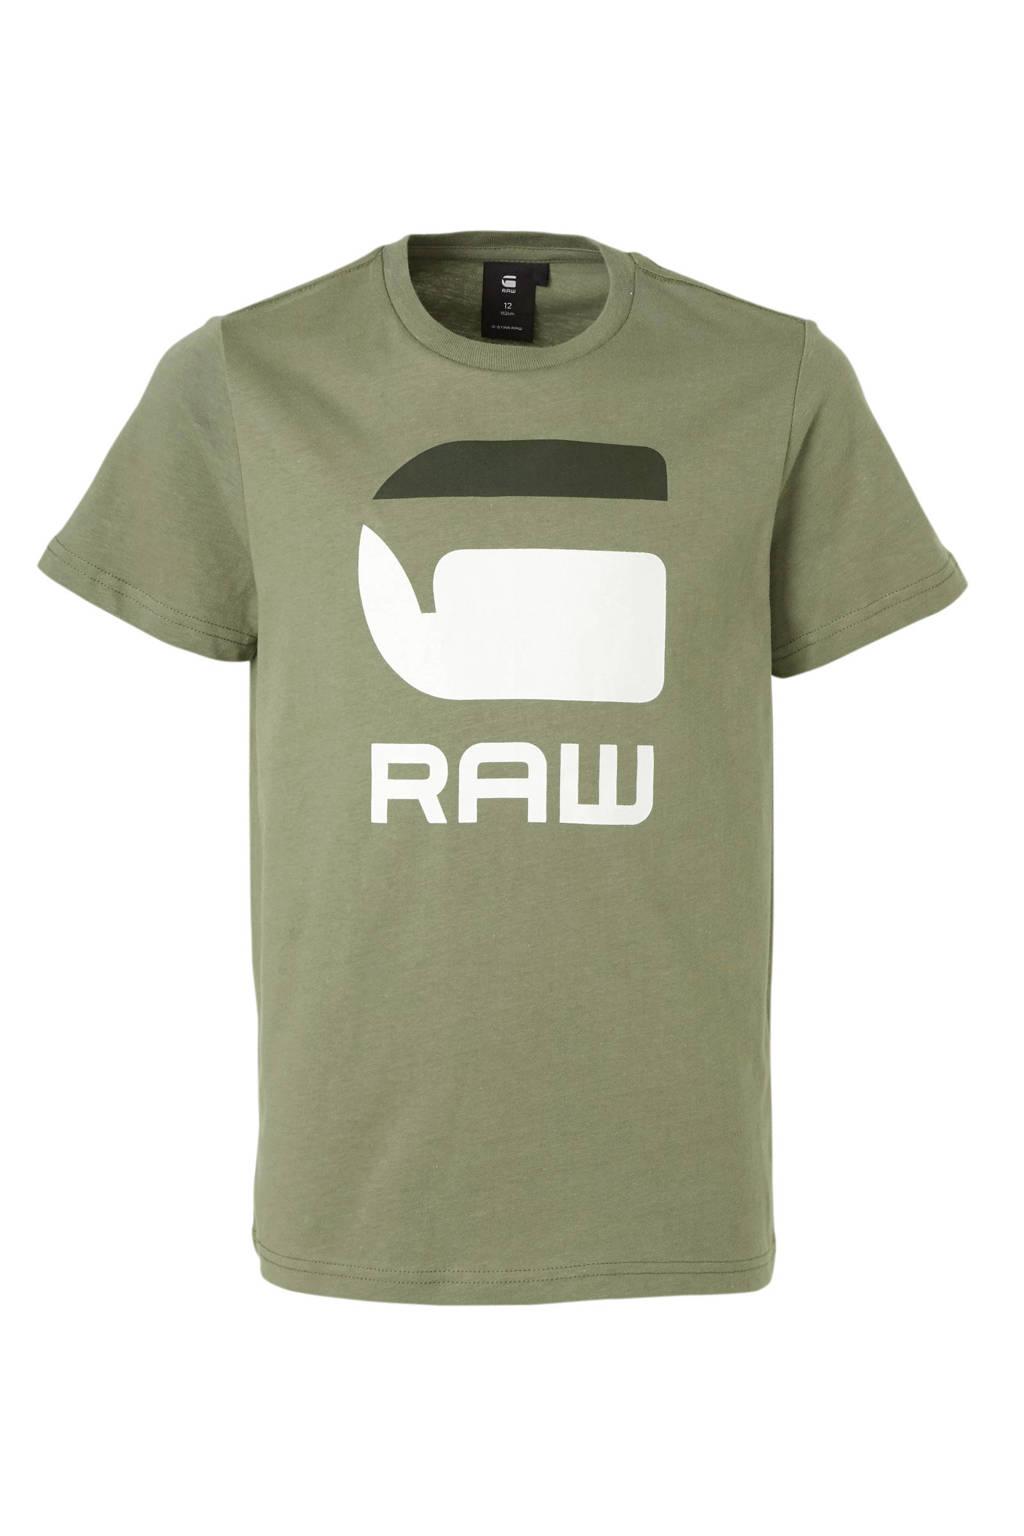 G-Star RAW T-shirt met logo kaki groen, Kaki groen